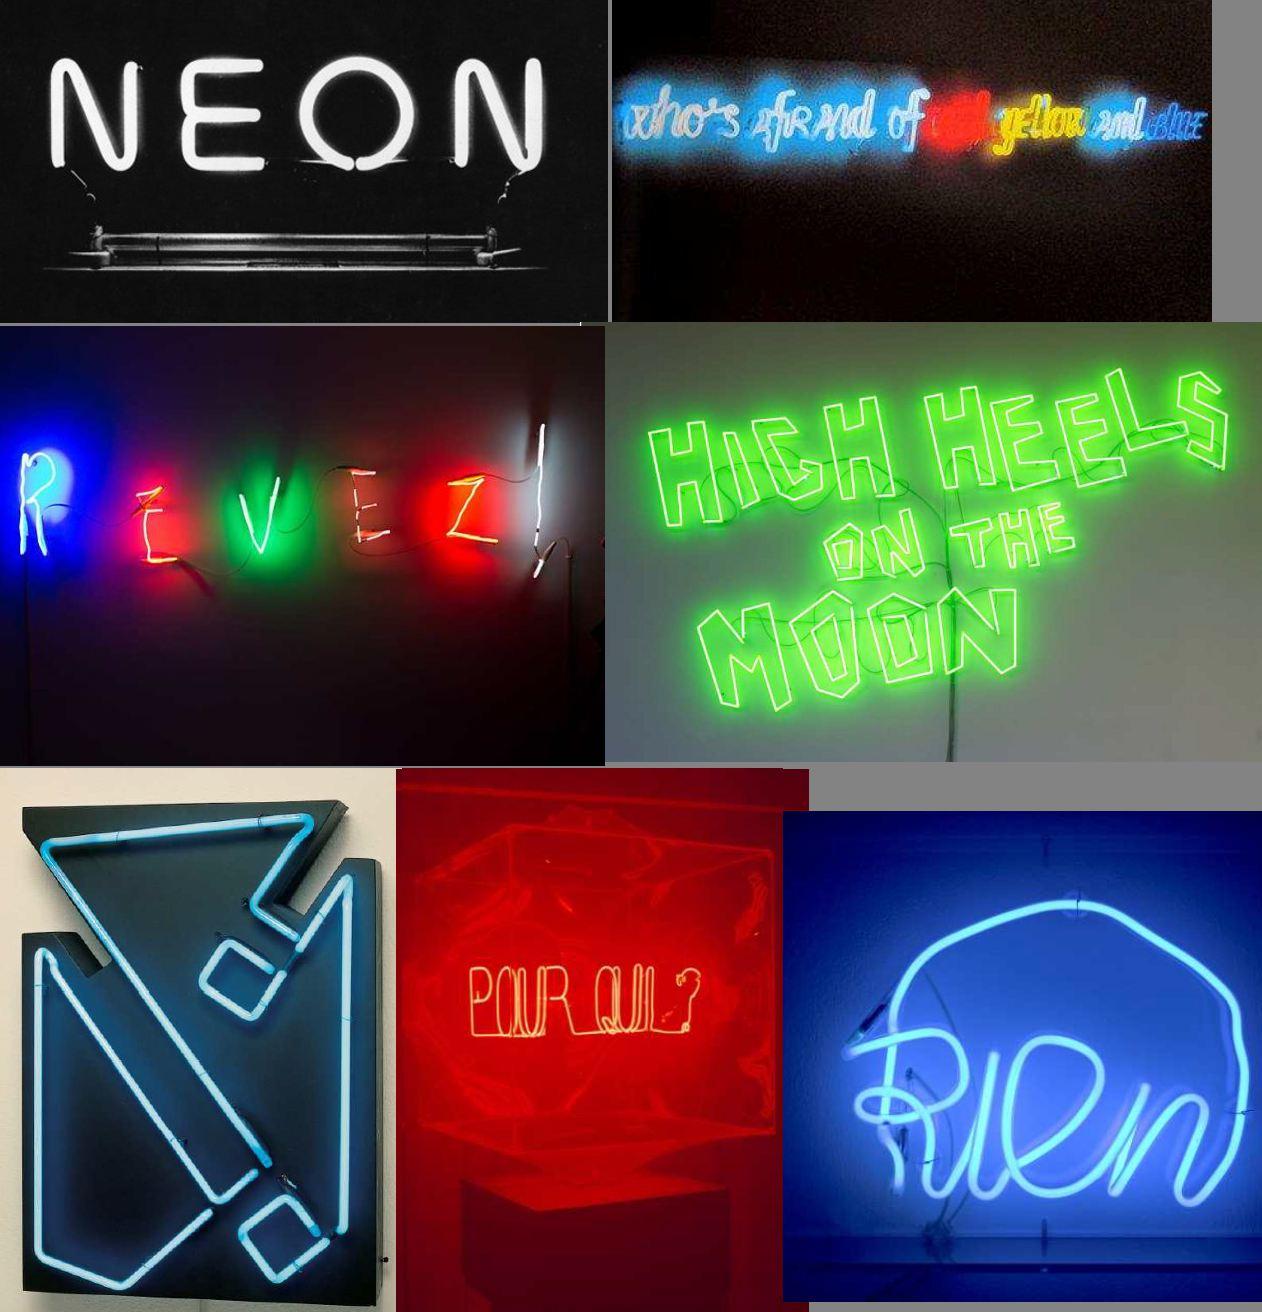 neon2012.jpg